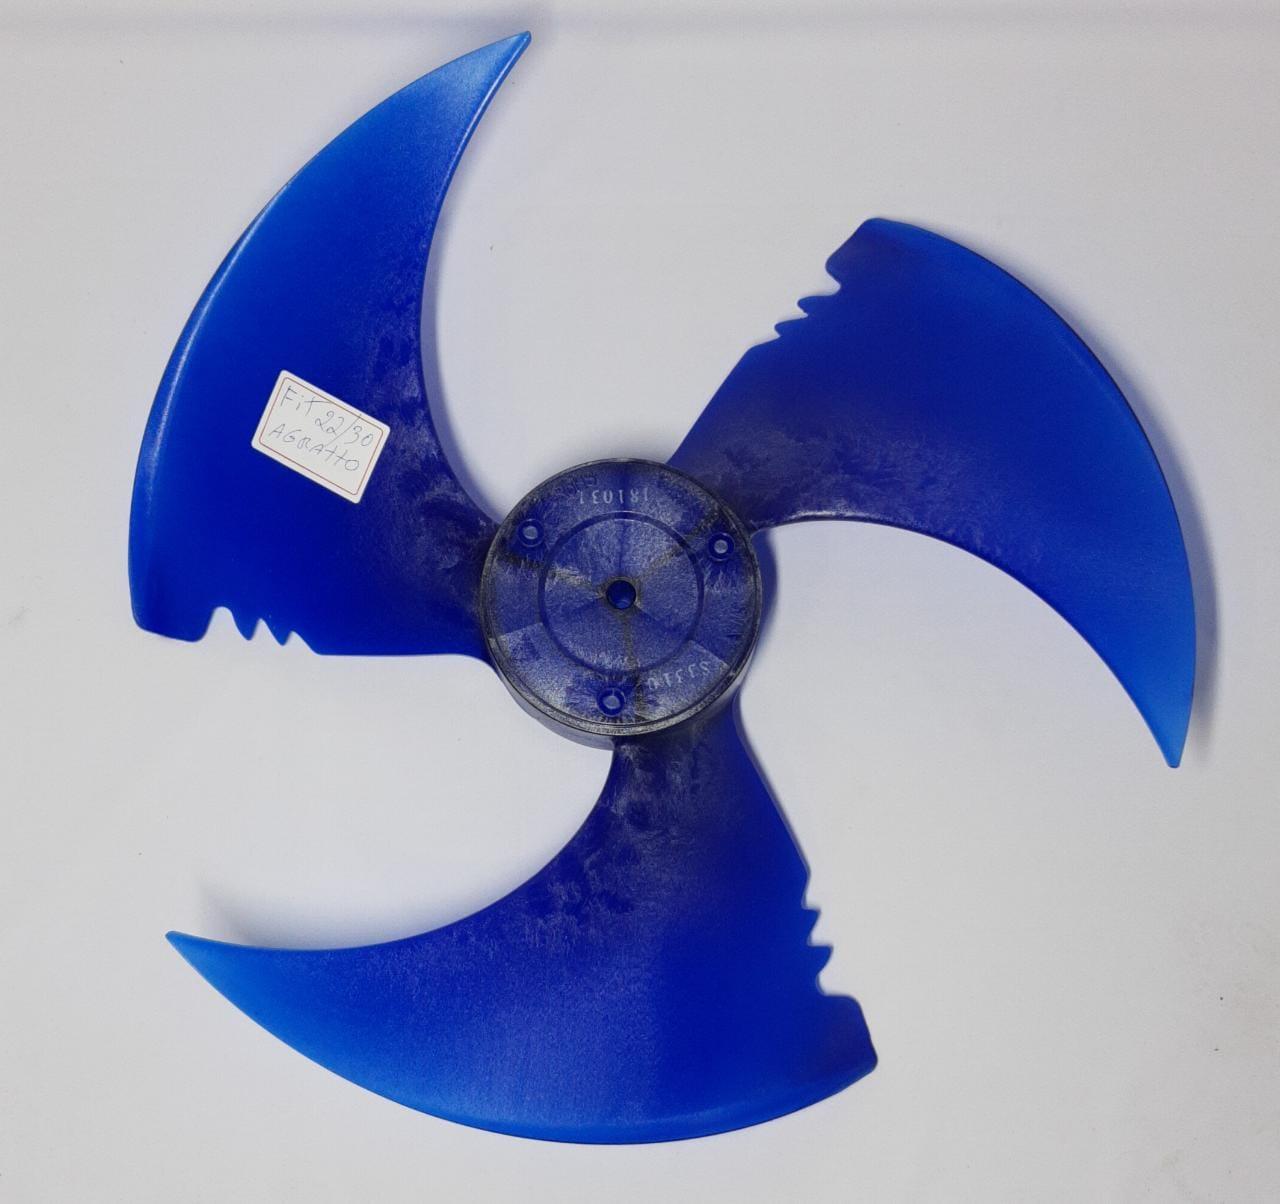 Hélice Condensadora 30.000 Btus Agratto Fit Ccs30 Original